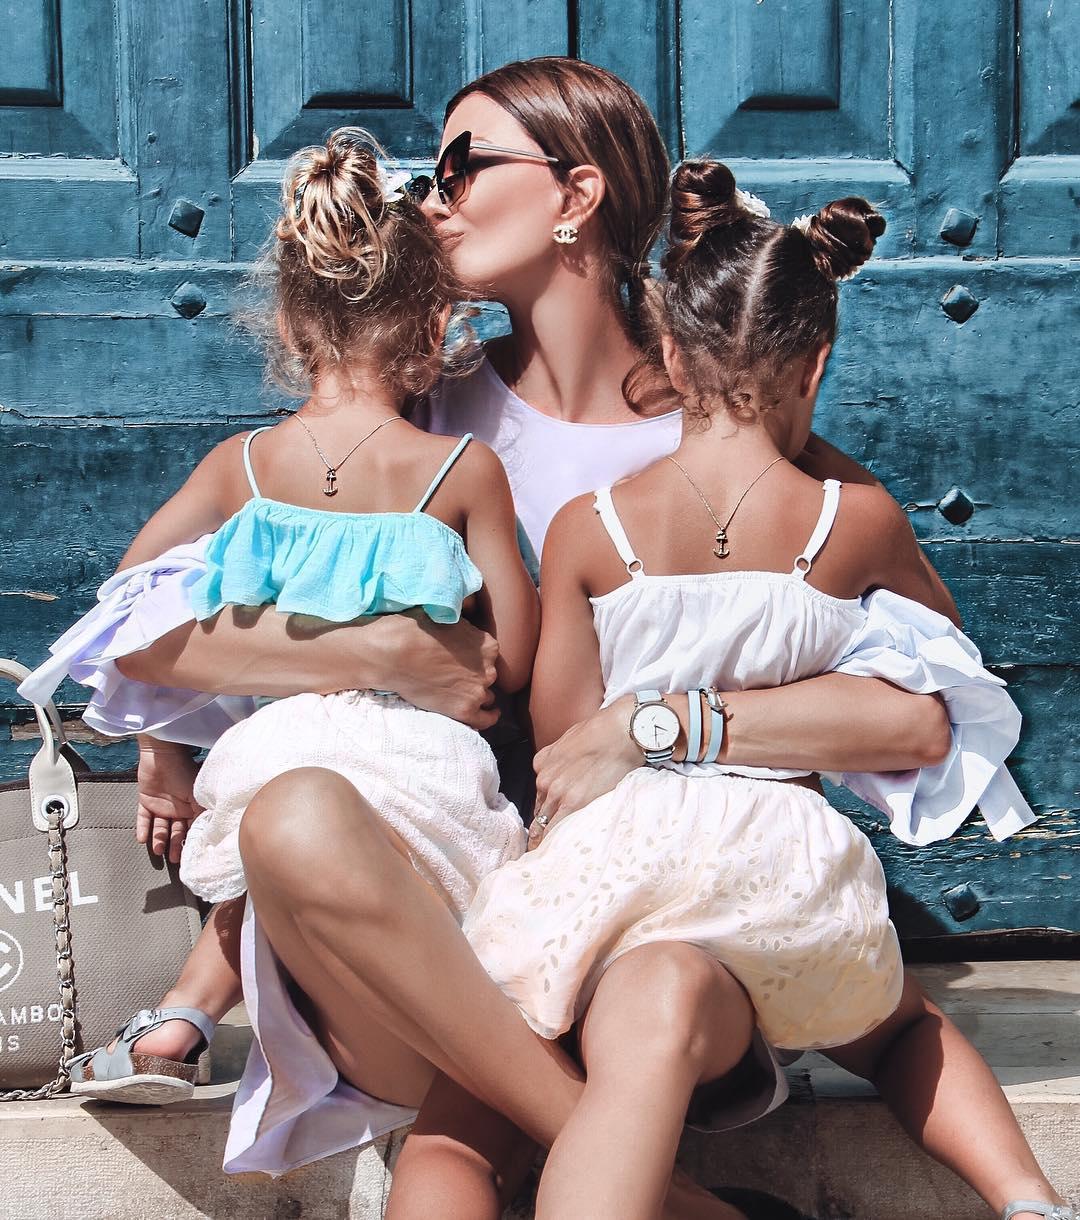 Самая модная бабушка: 10 крутых образов от Жаклин Берридо Пизано